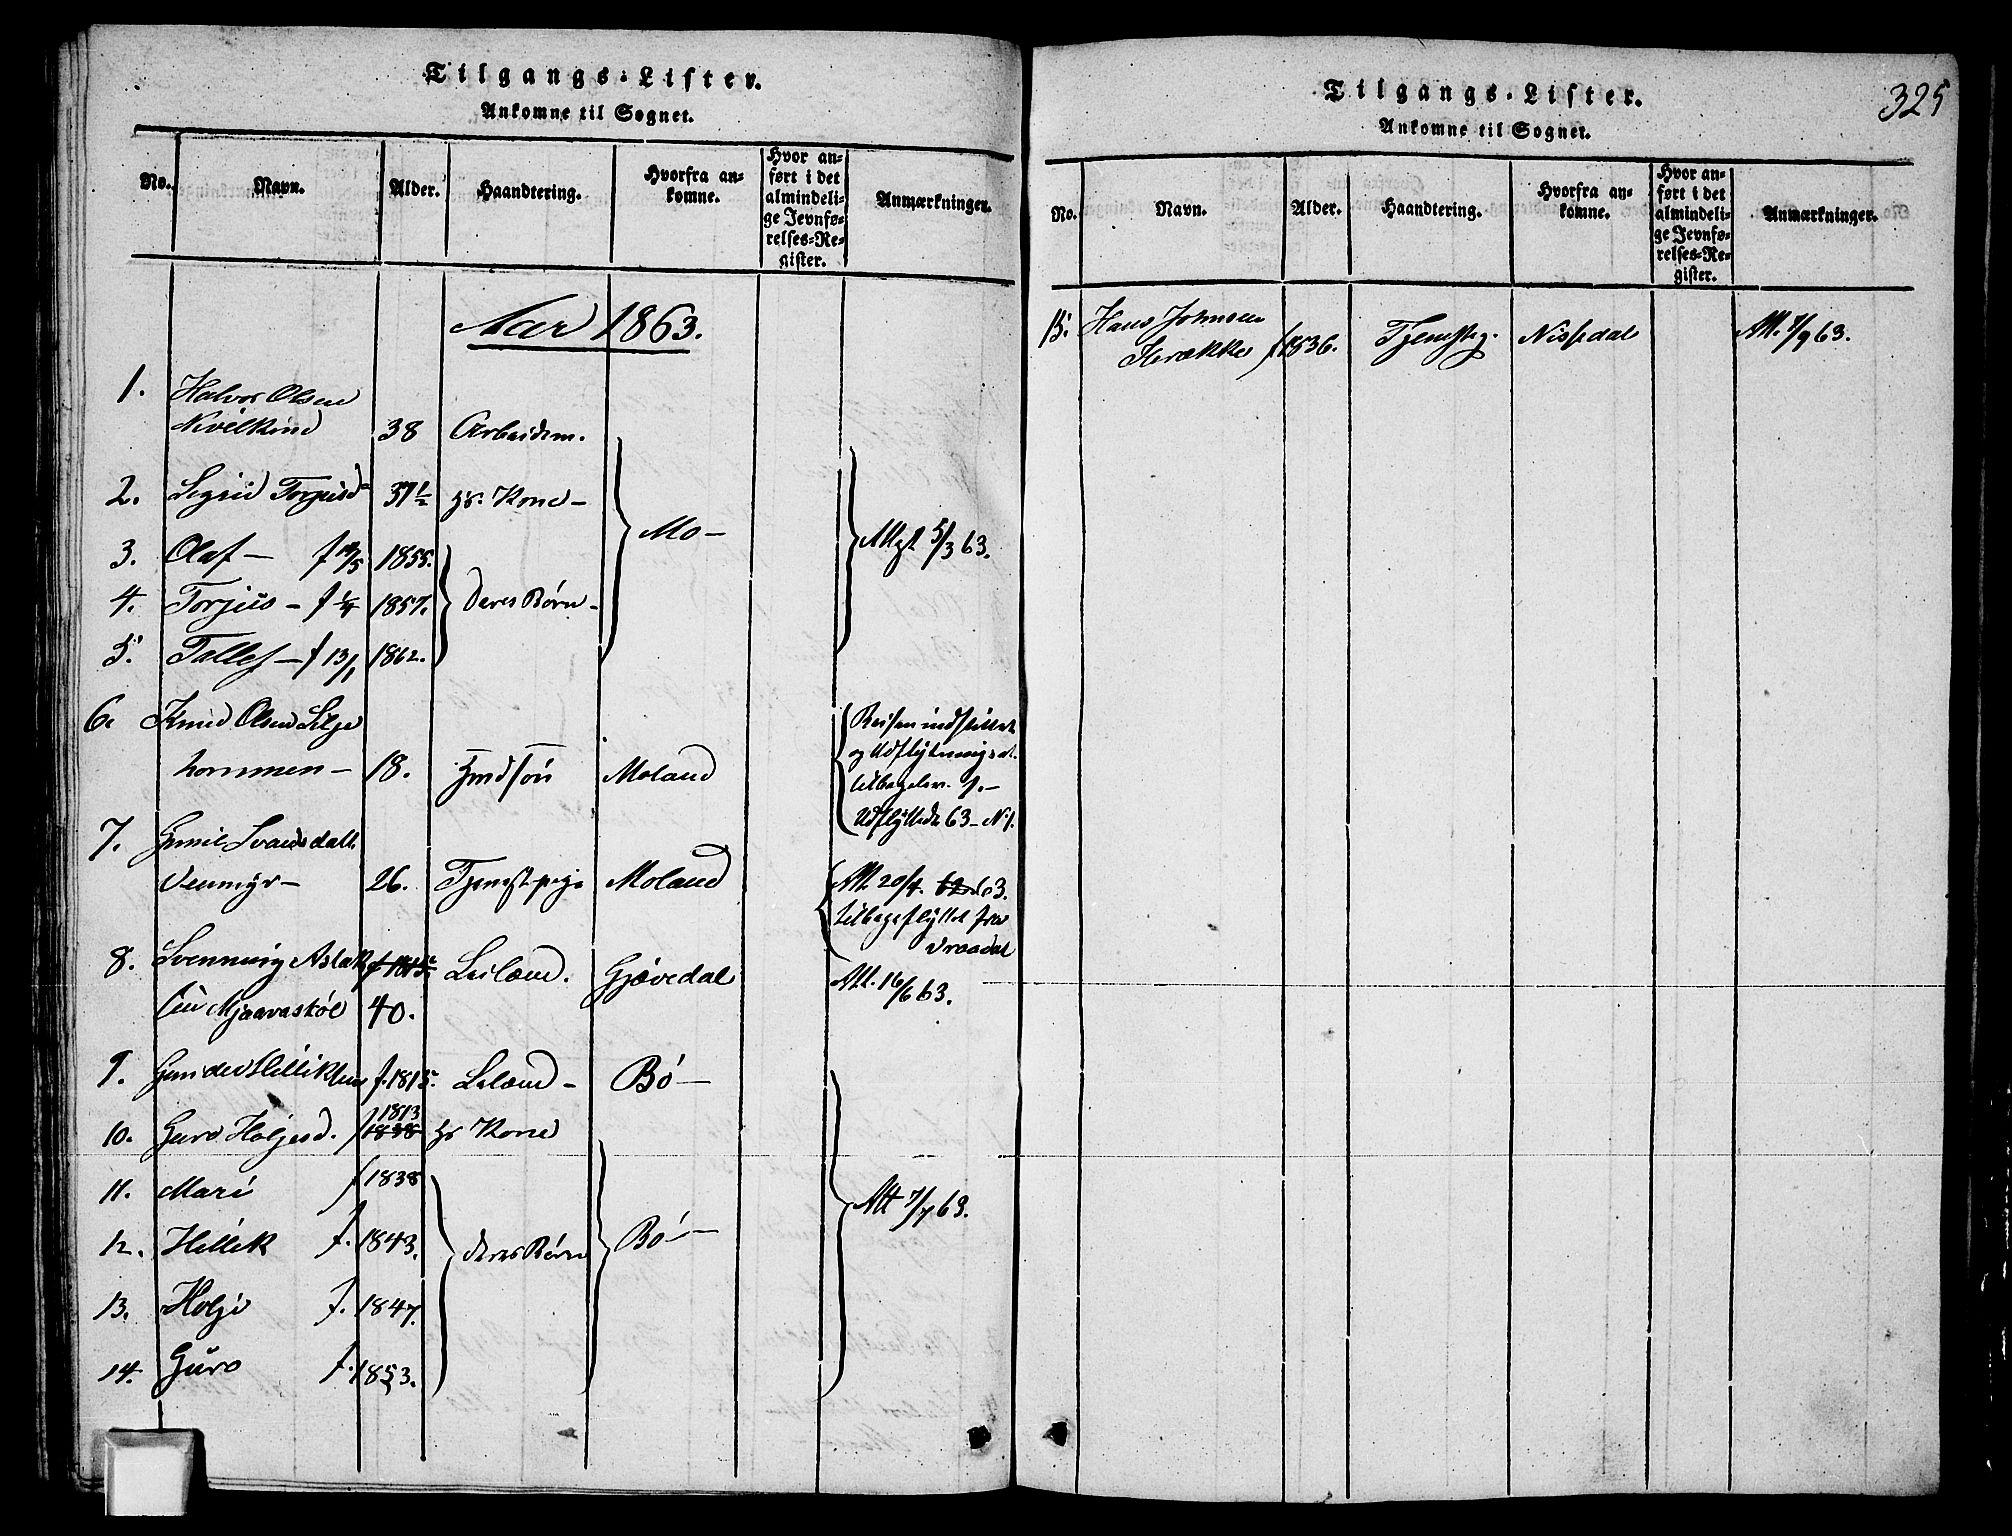 SAKO, Fyresdal kirkebøker, G/Ga/L0003: Klokkerbok nr. I 3, 1815-1863, s. 325